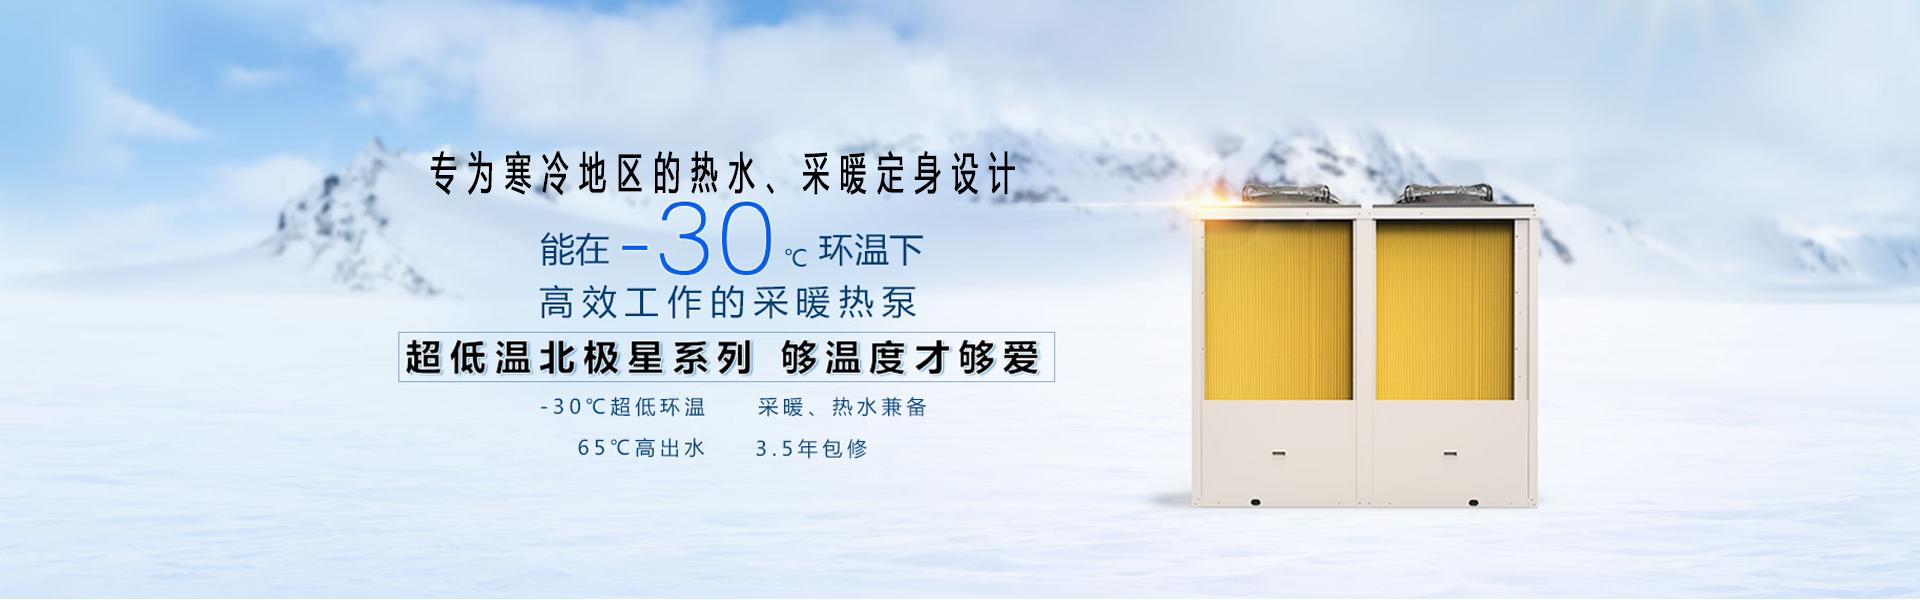 沈阳空气能供暖 沈阳空气能热水工程施工 沈阳空气能采暖哪家好 沈阳污水源热泵 沈阳污水源哪家好